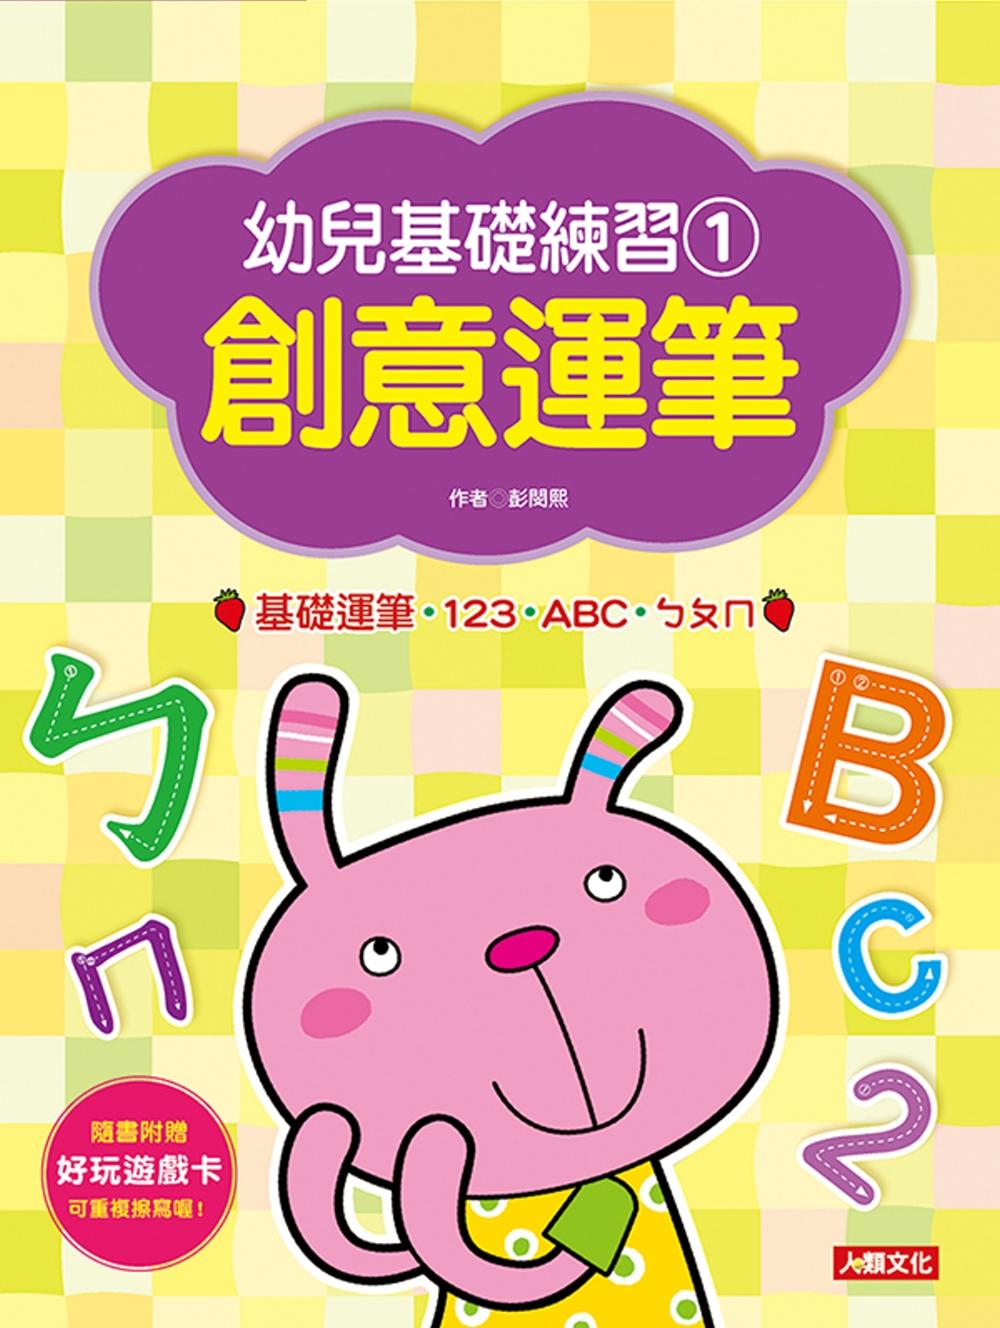 幼兒基礎練習 運筆:基礎運筆‧123‧ABC‧ㄅㄆㄇ